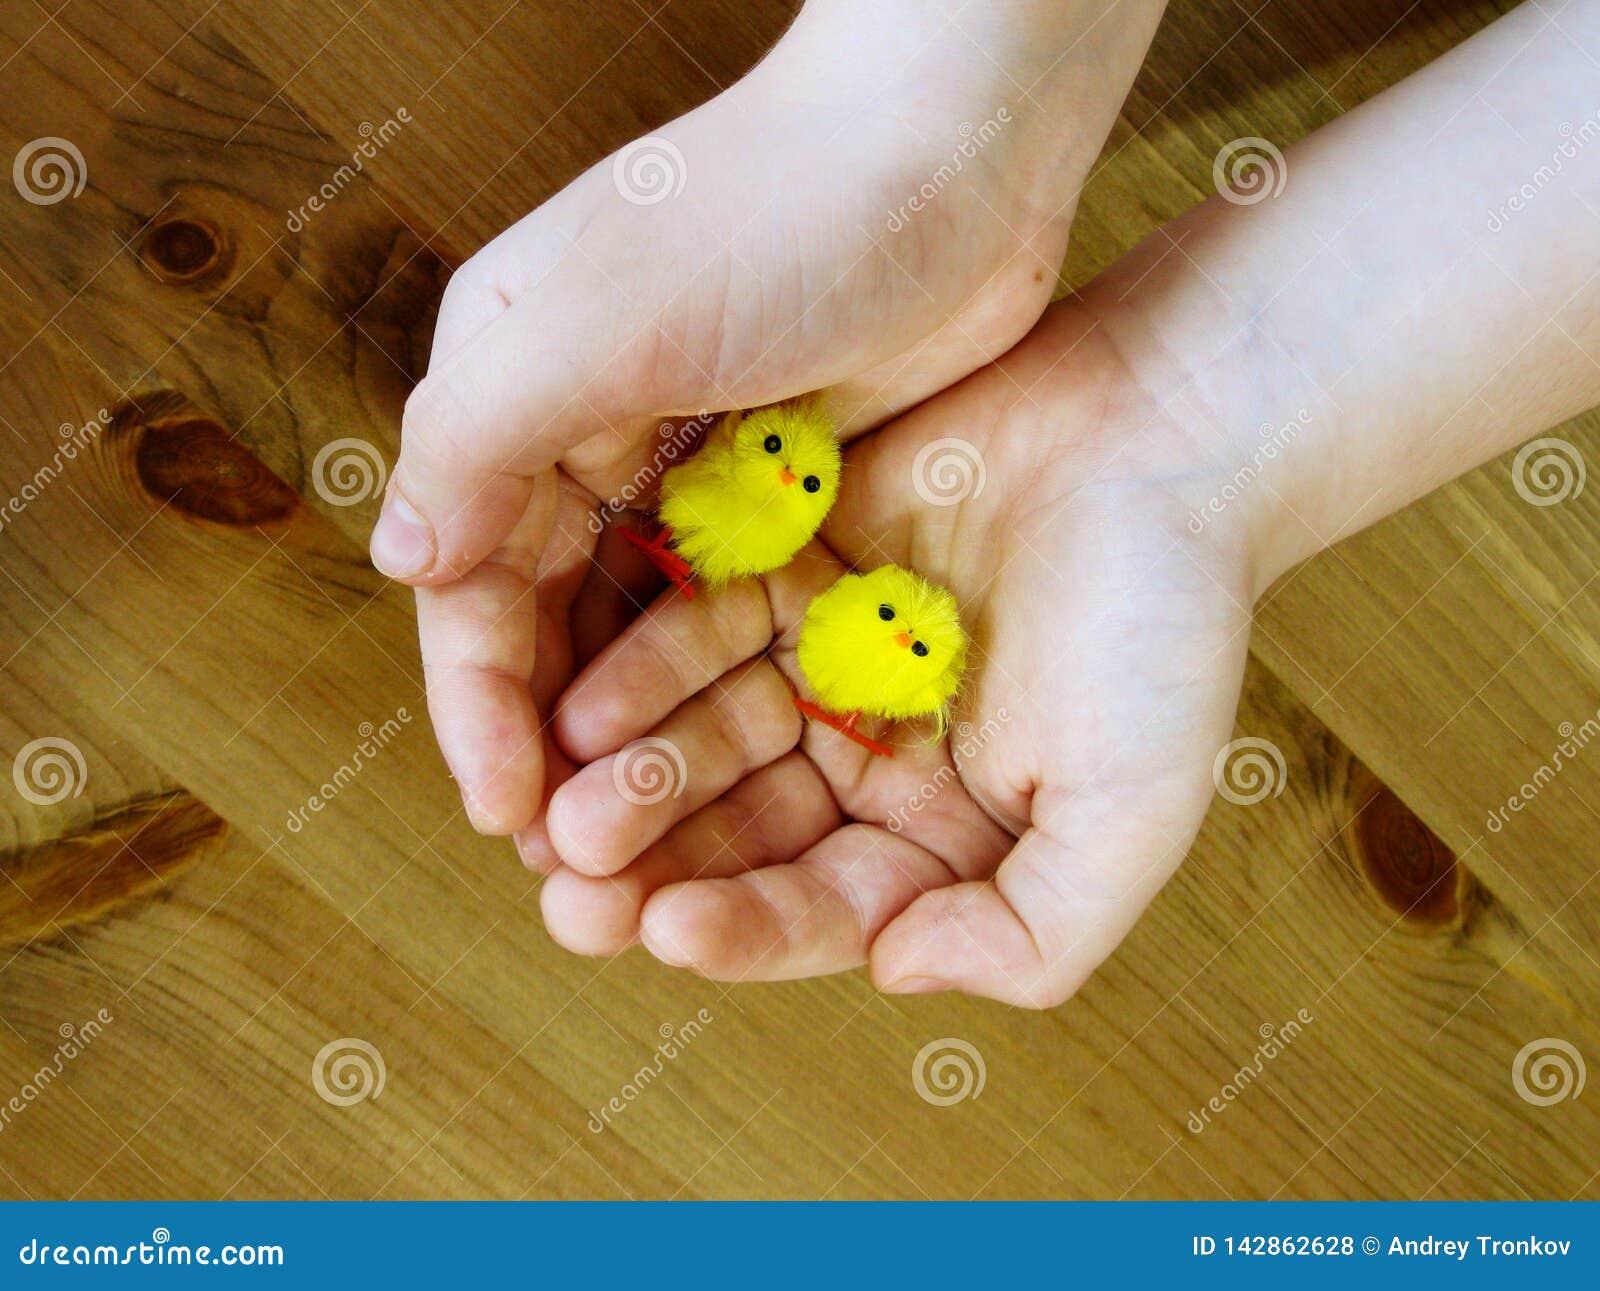 Las manos de los niños están sosteniendo dos pequeños pollos del juguete